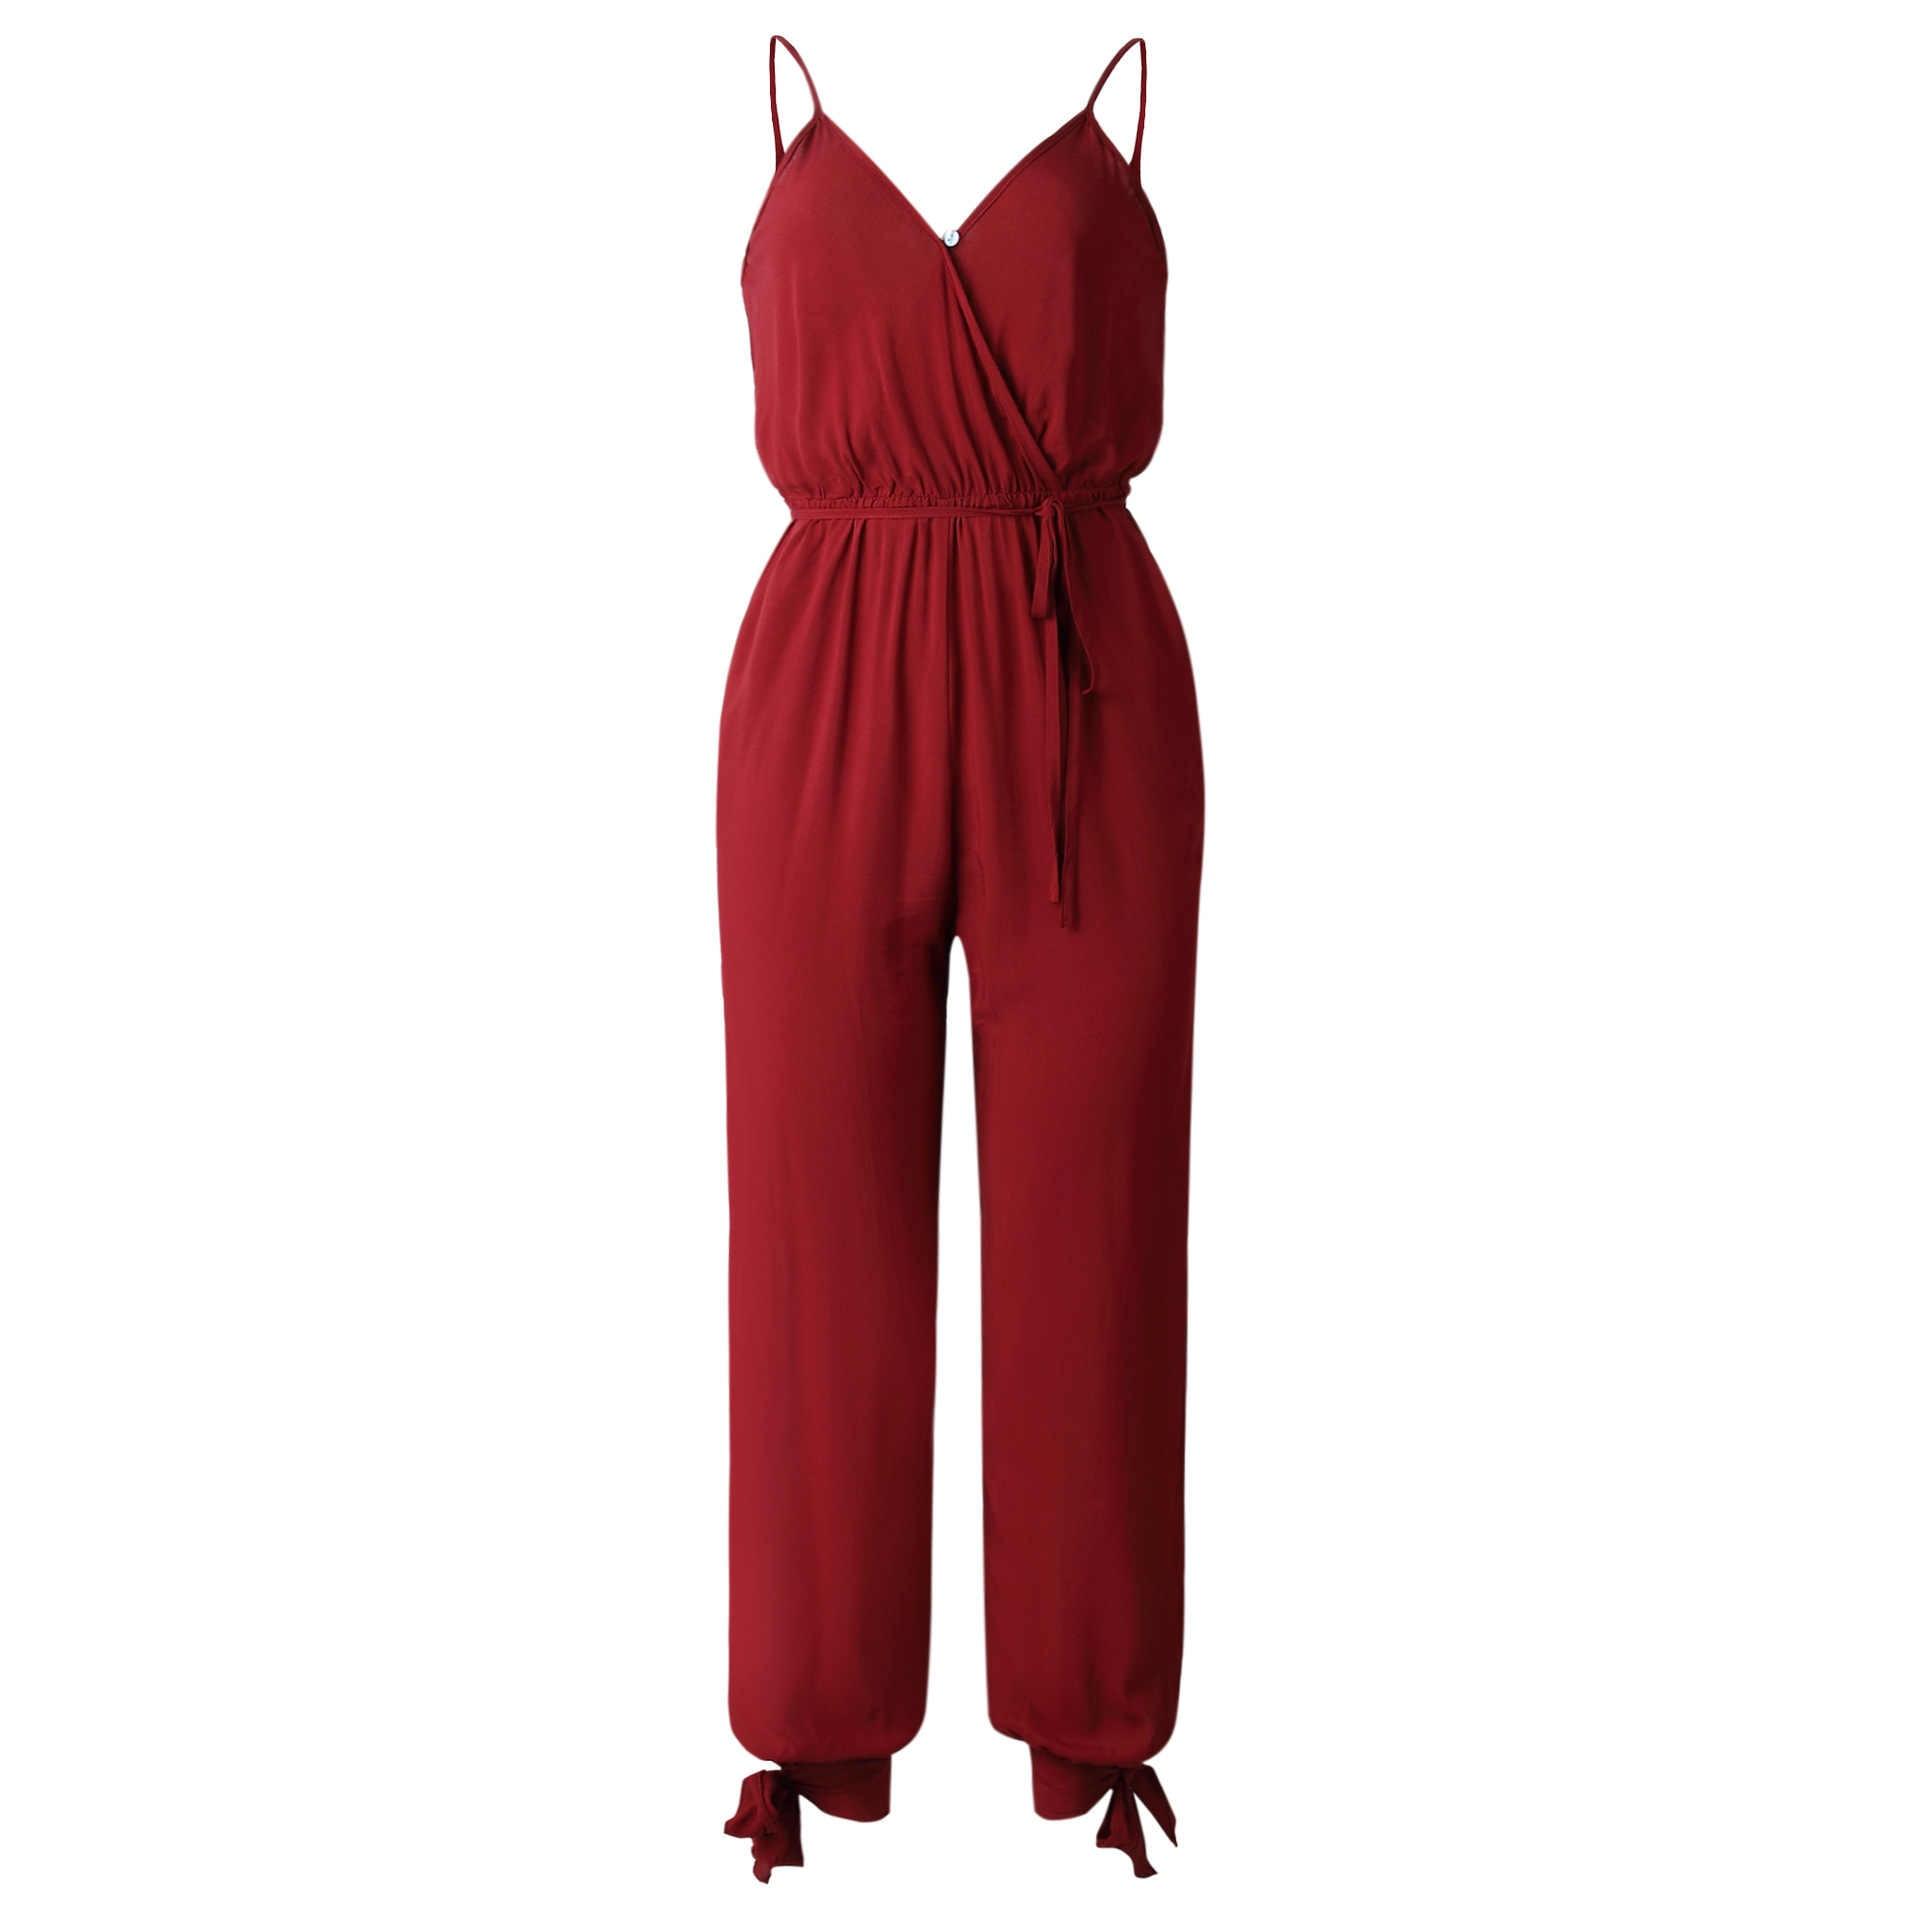 Wontive цвет красного вина V образным вырезом сексуальные женские комбинезоны с поясом Женское боди комбинезоны для малышек костюм пляжного типа комбинезон